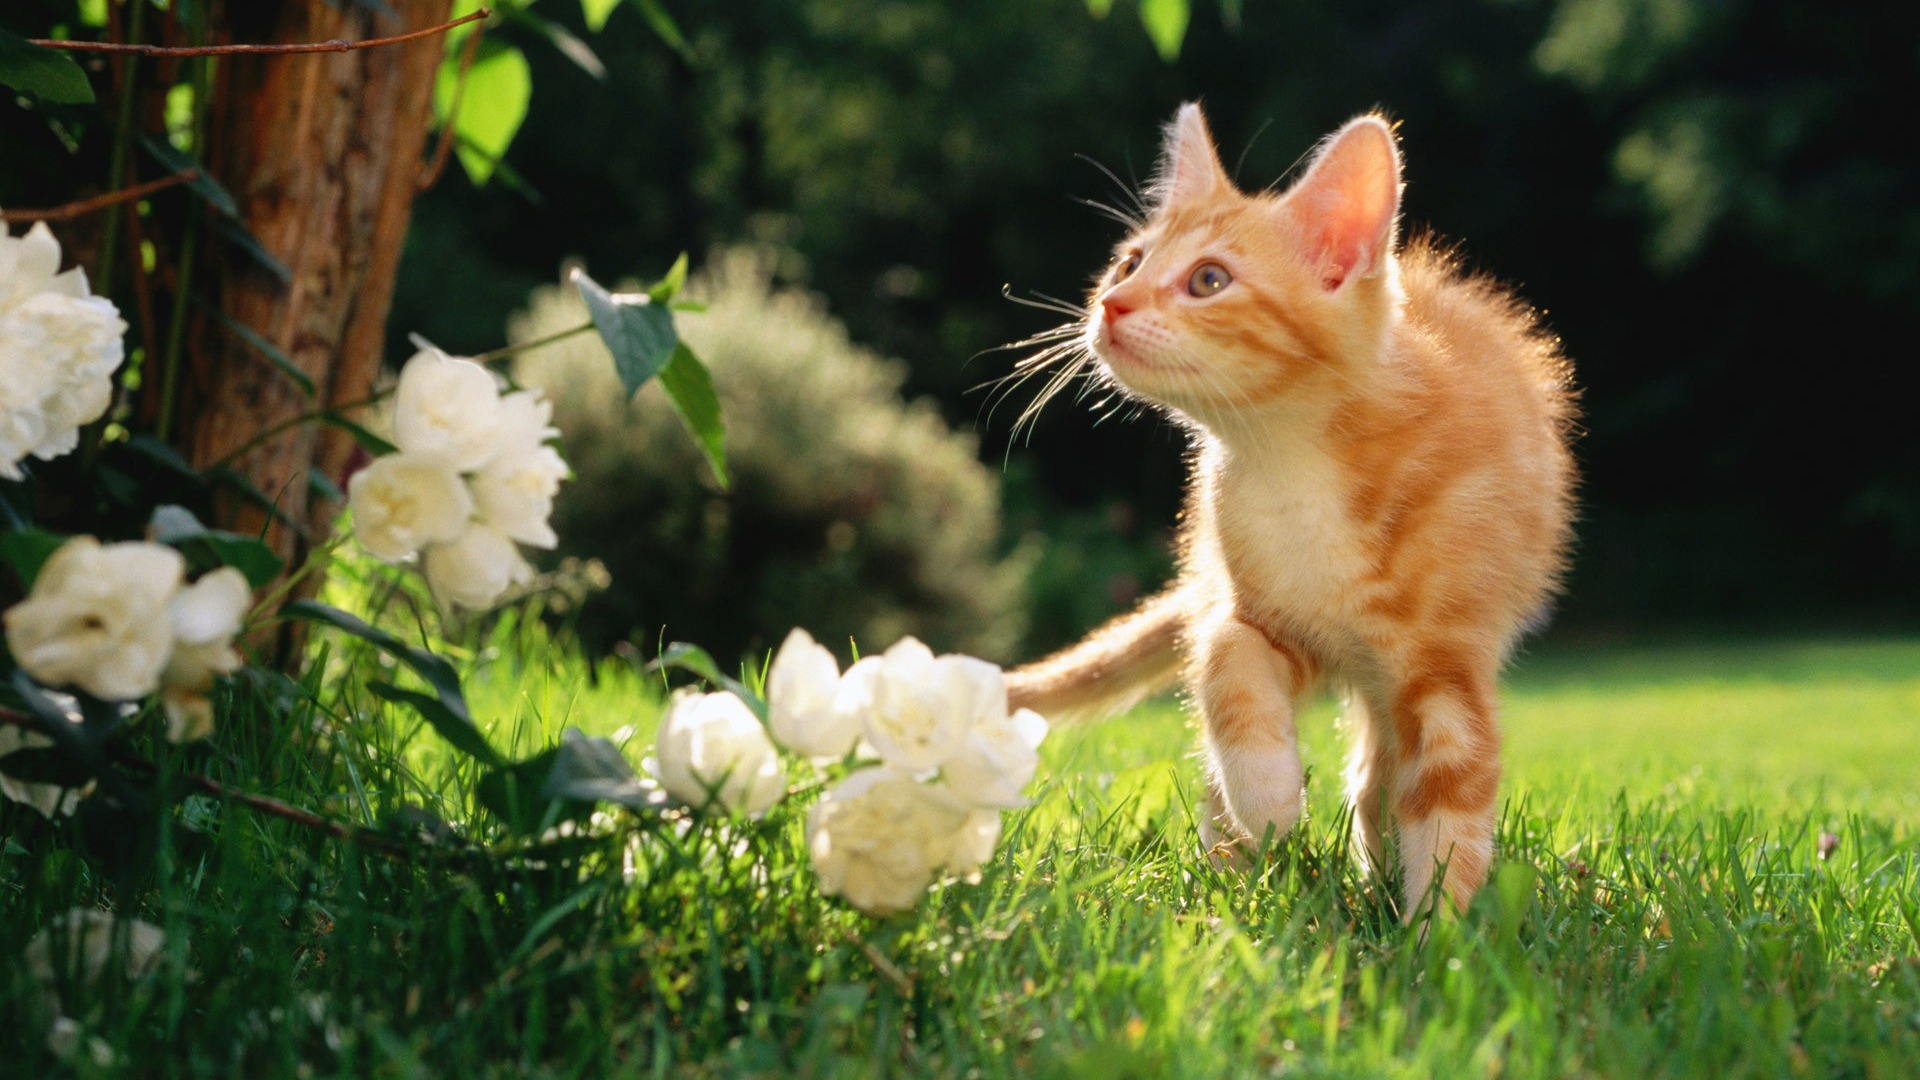 虎猫子猫 かわいいペットの猫のデスクトップピクチャ壁紙プレビュー